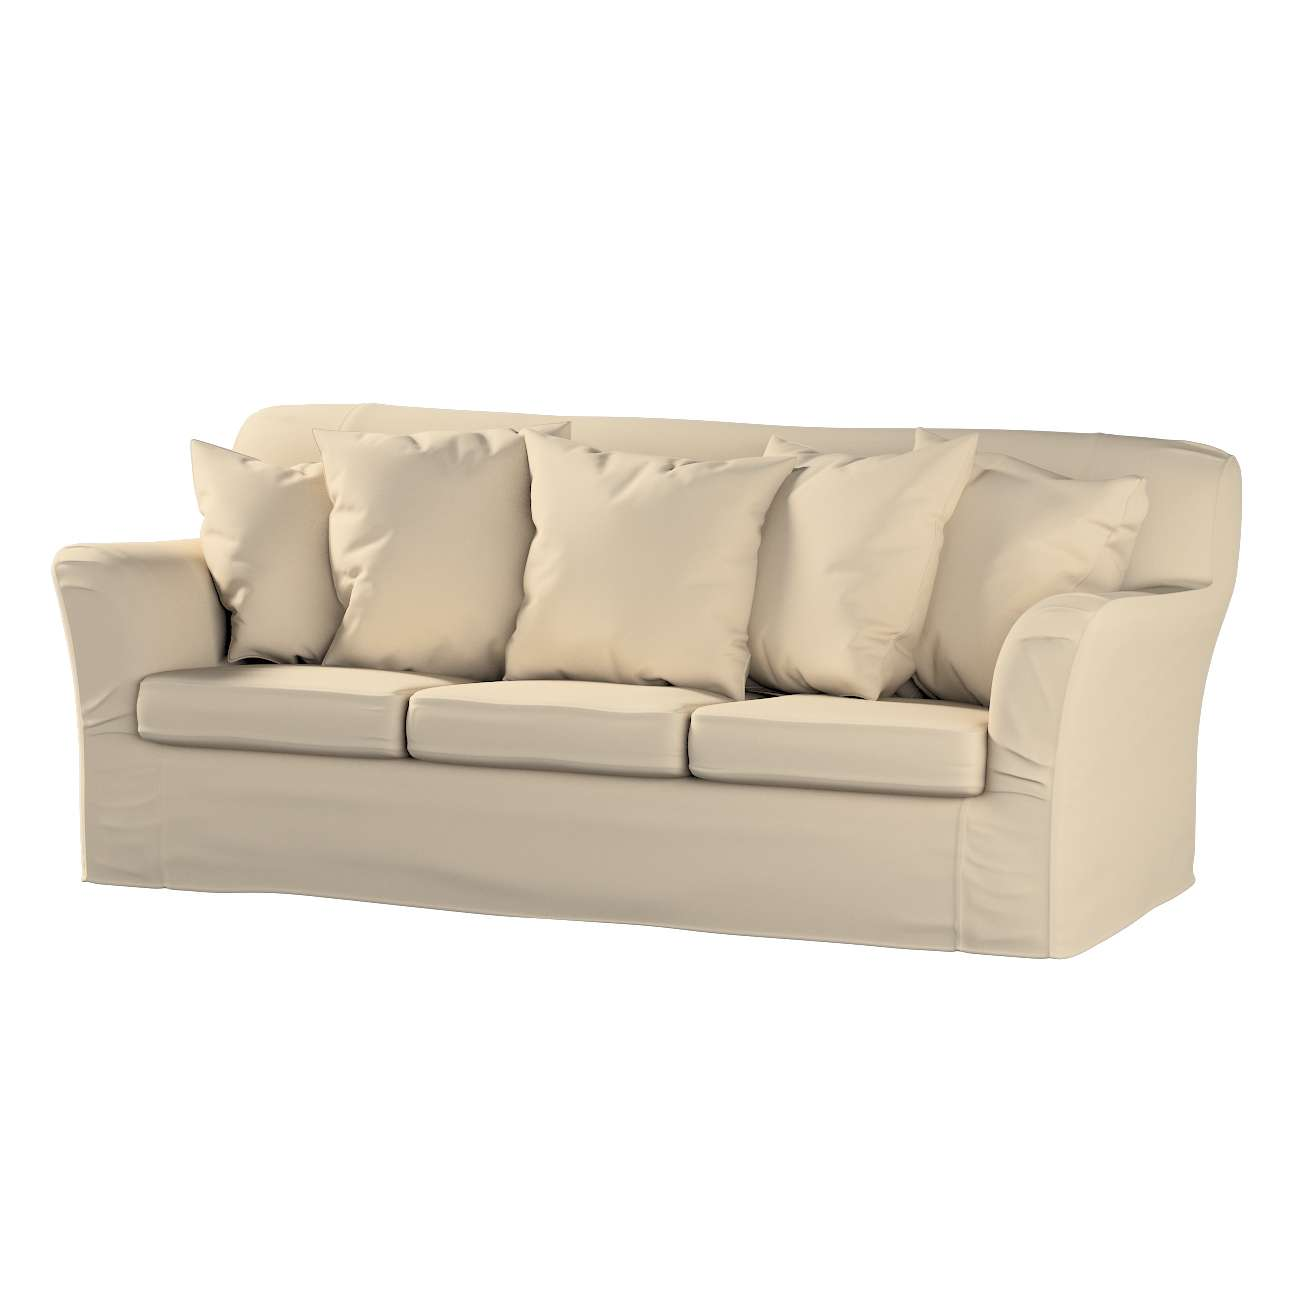 TOMELILLA  trivietės sofos užvalkalas TOMELILLA trivietė sofa kolekcijoje Cotton Panama, audinys: 702-01